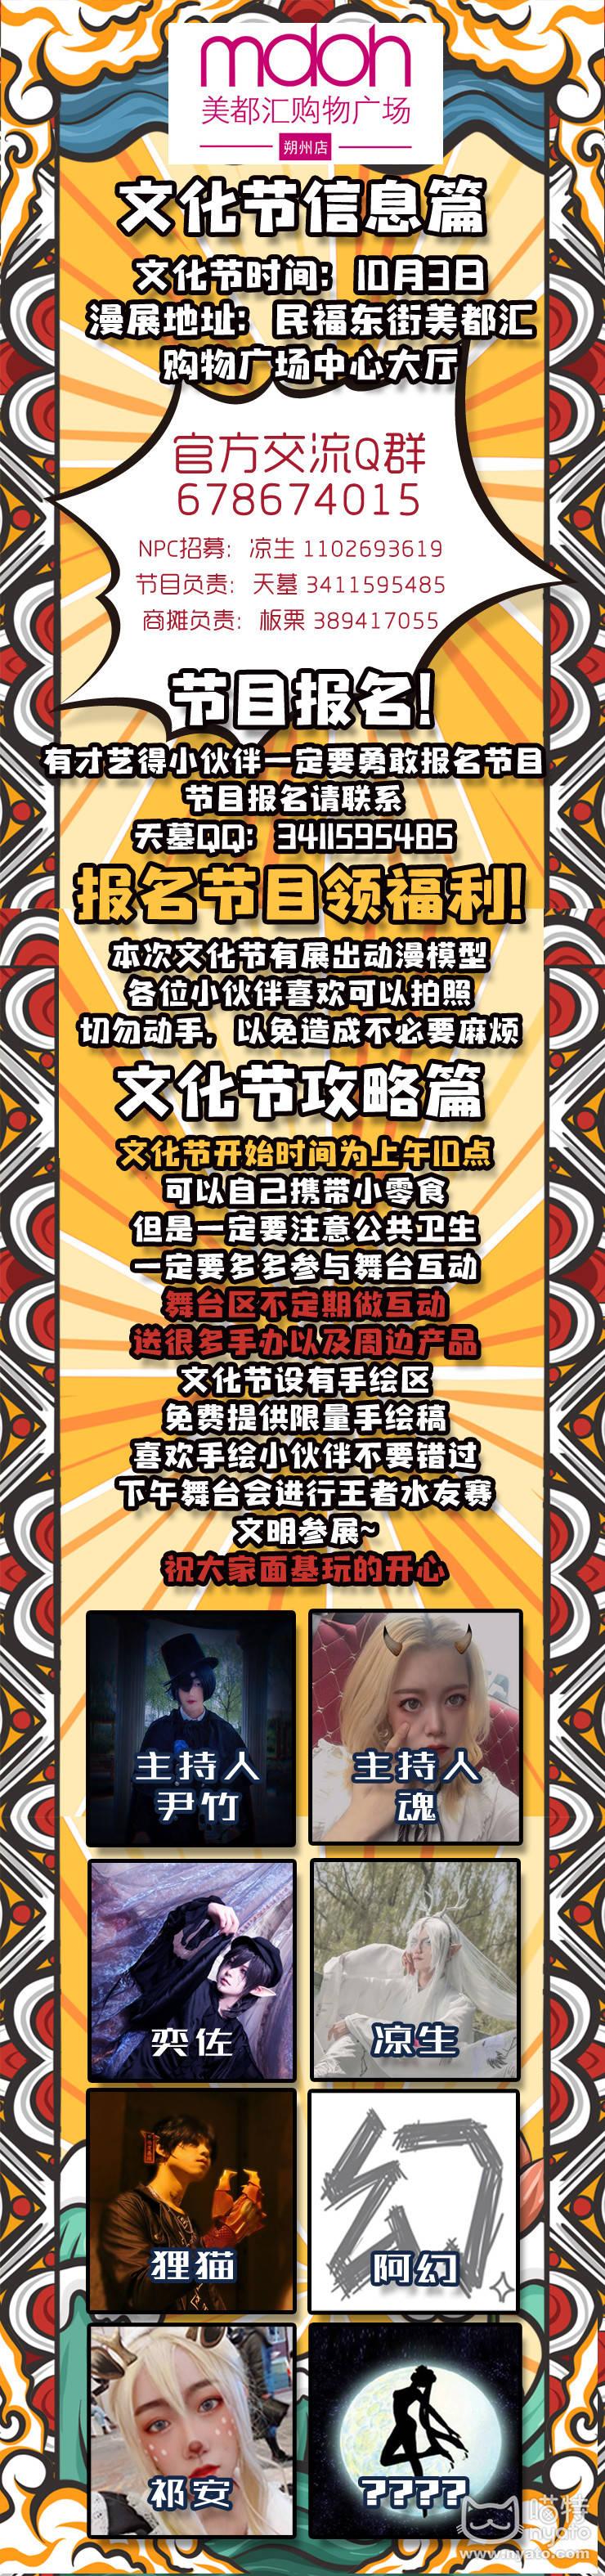 朔州文化节海报2.jpg